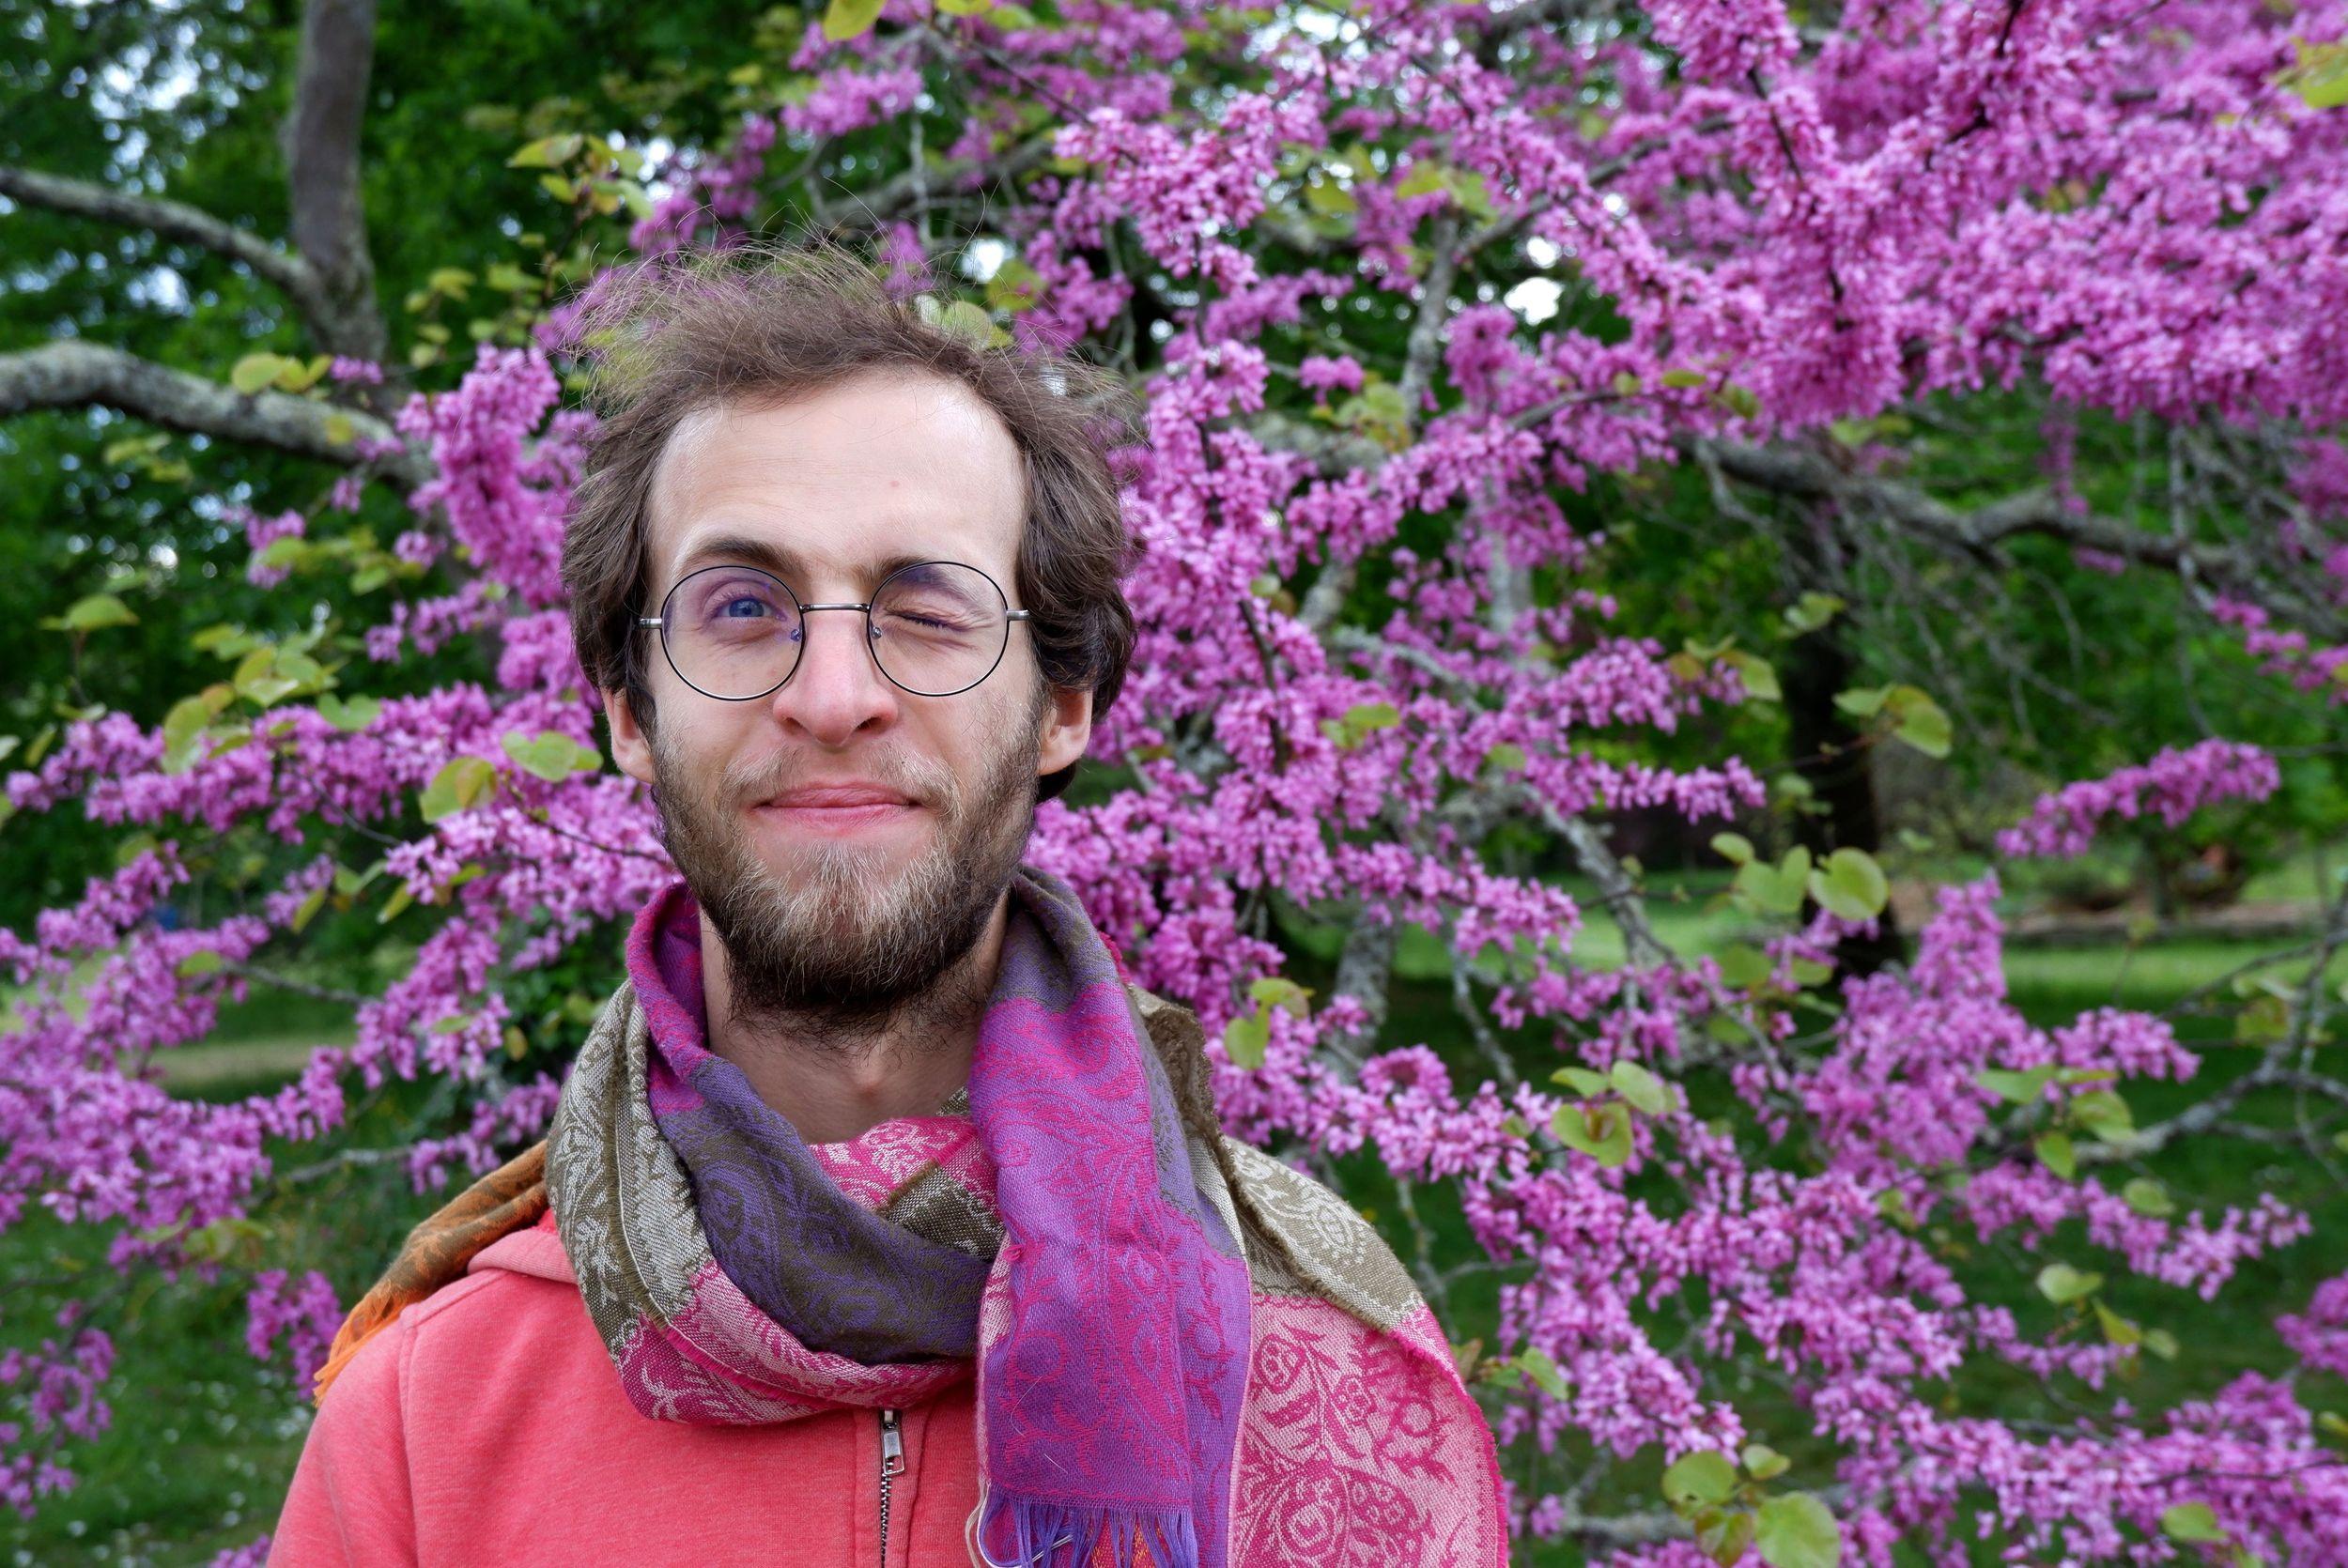 Ryan posant devant des fleurs violettes